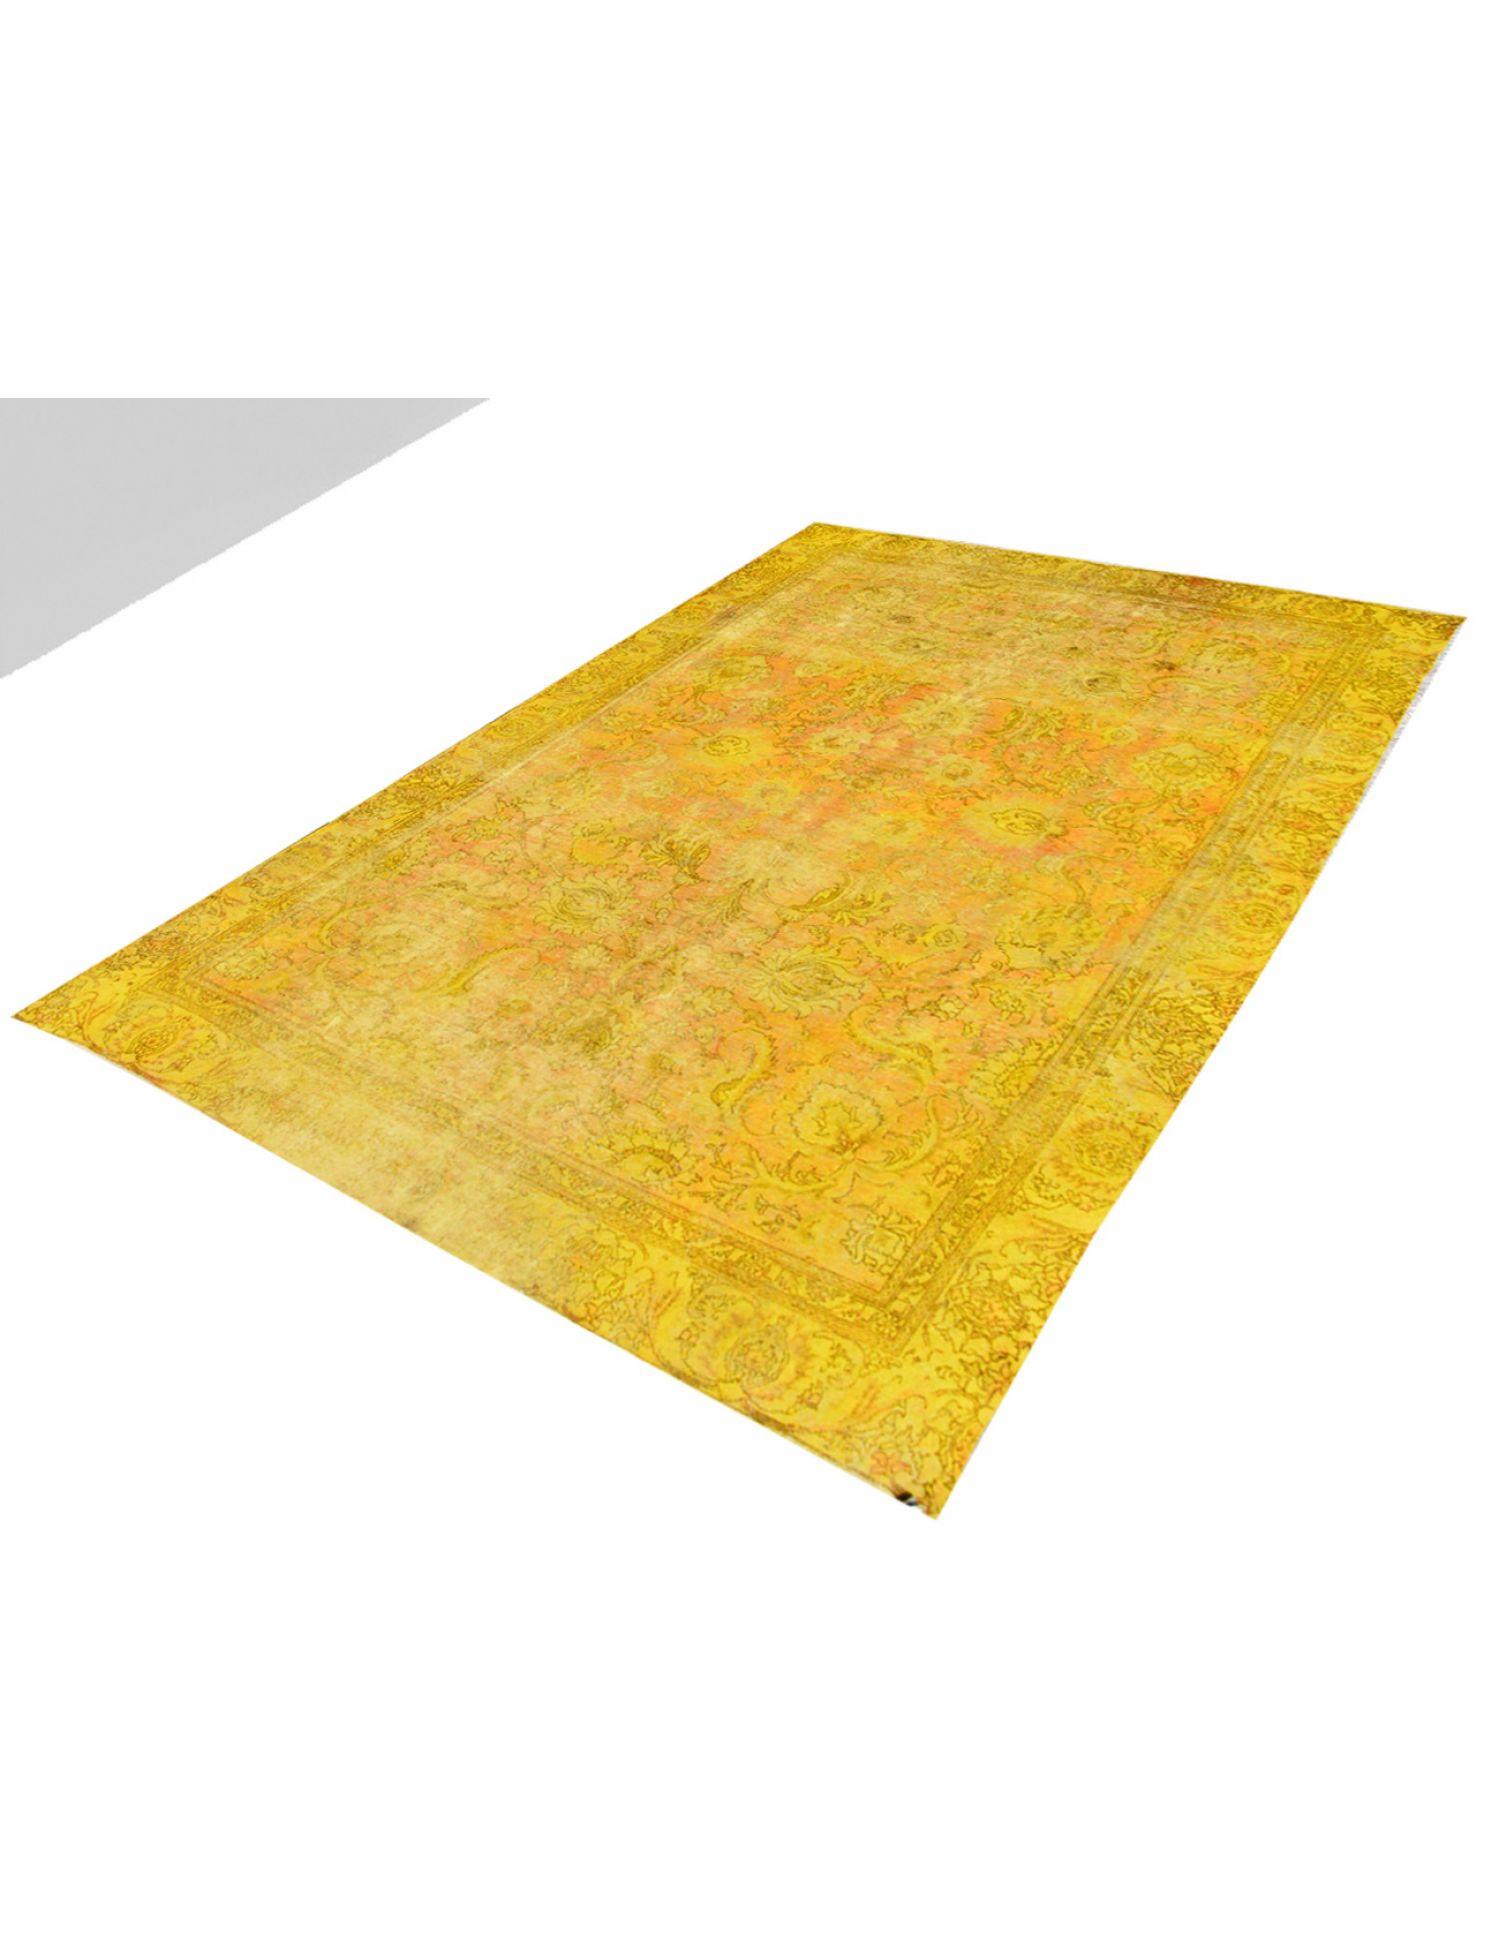 Vintage Teppich  gelb <br/>372 x 277 cm